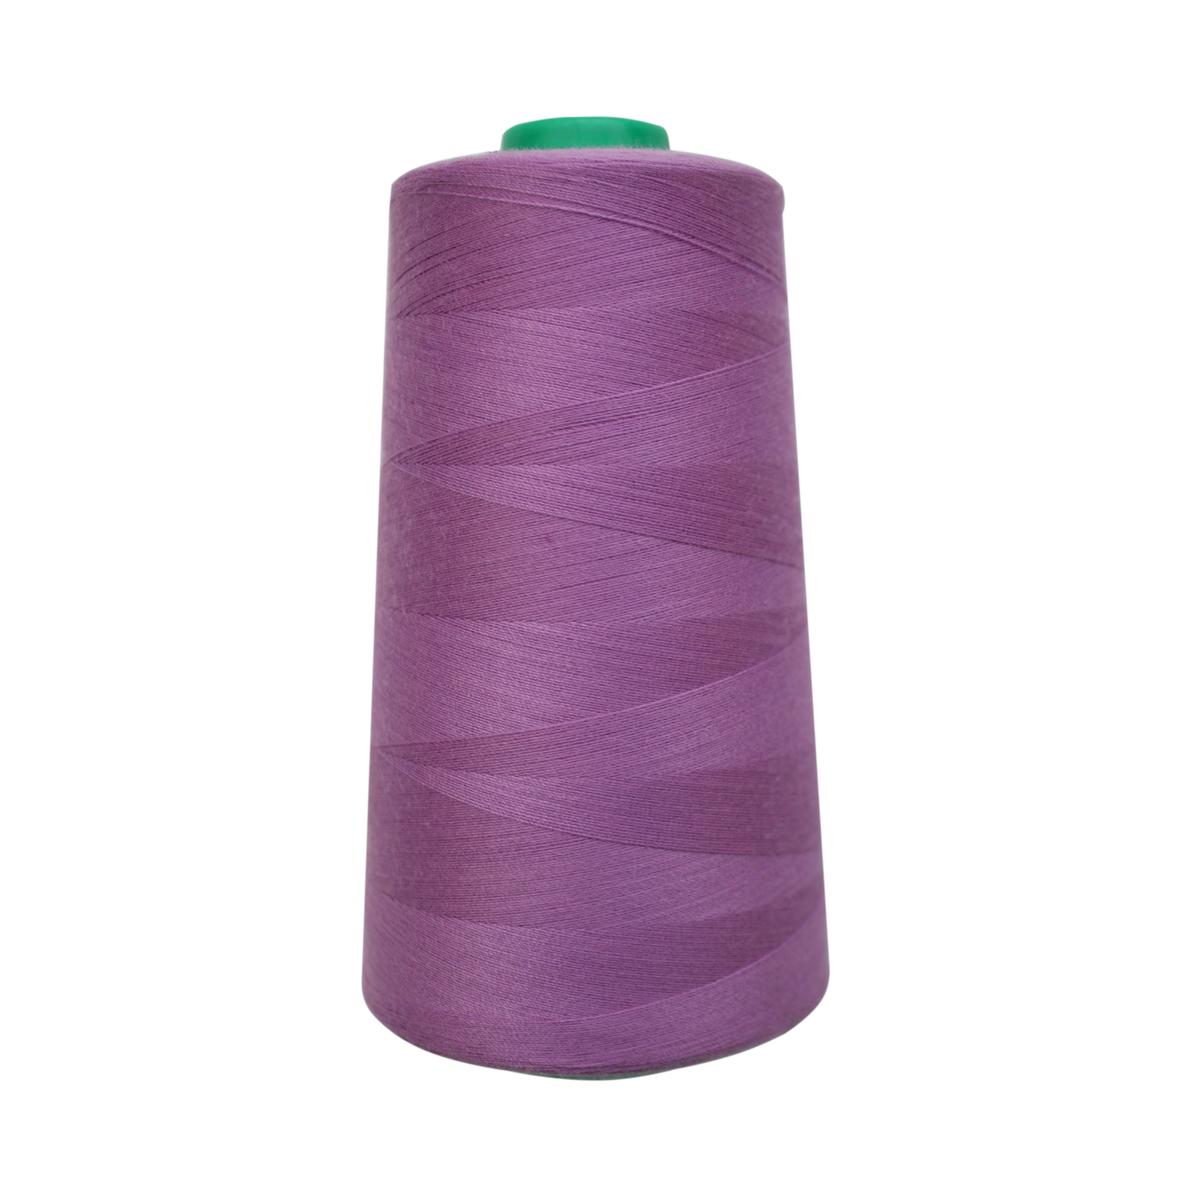 Нитки для шитья Bestex 50/2, 5000 ярд, цвет: св.сирень (067)7700936-067Сфера использования: трикотаж; ткани малого веса; оверлочные швы; отделка краев; вышивка. Размер игл №70-80